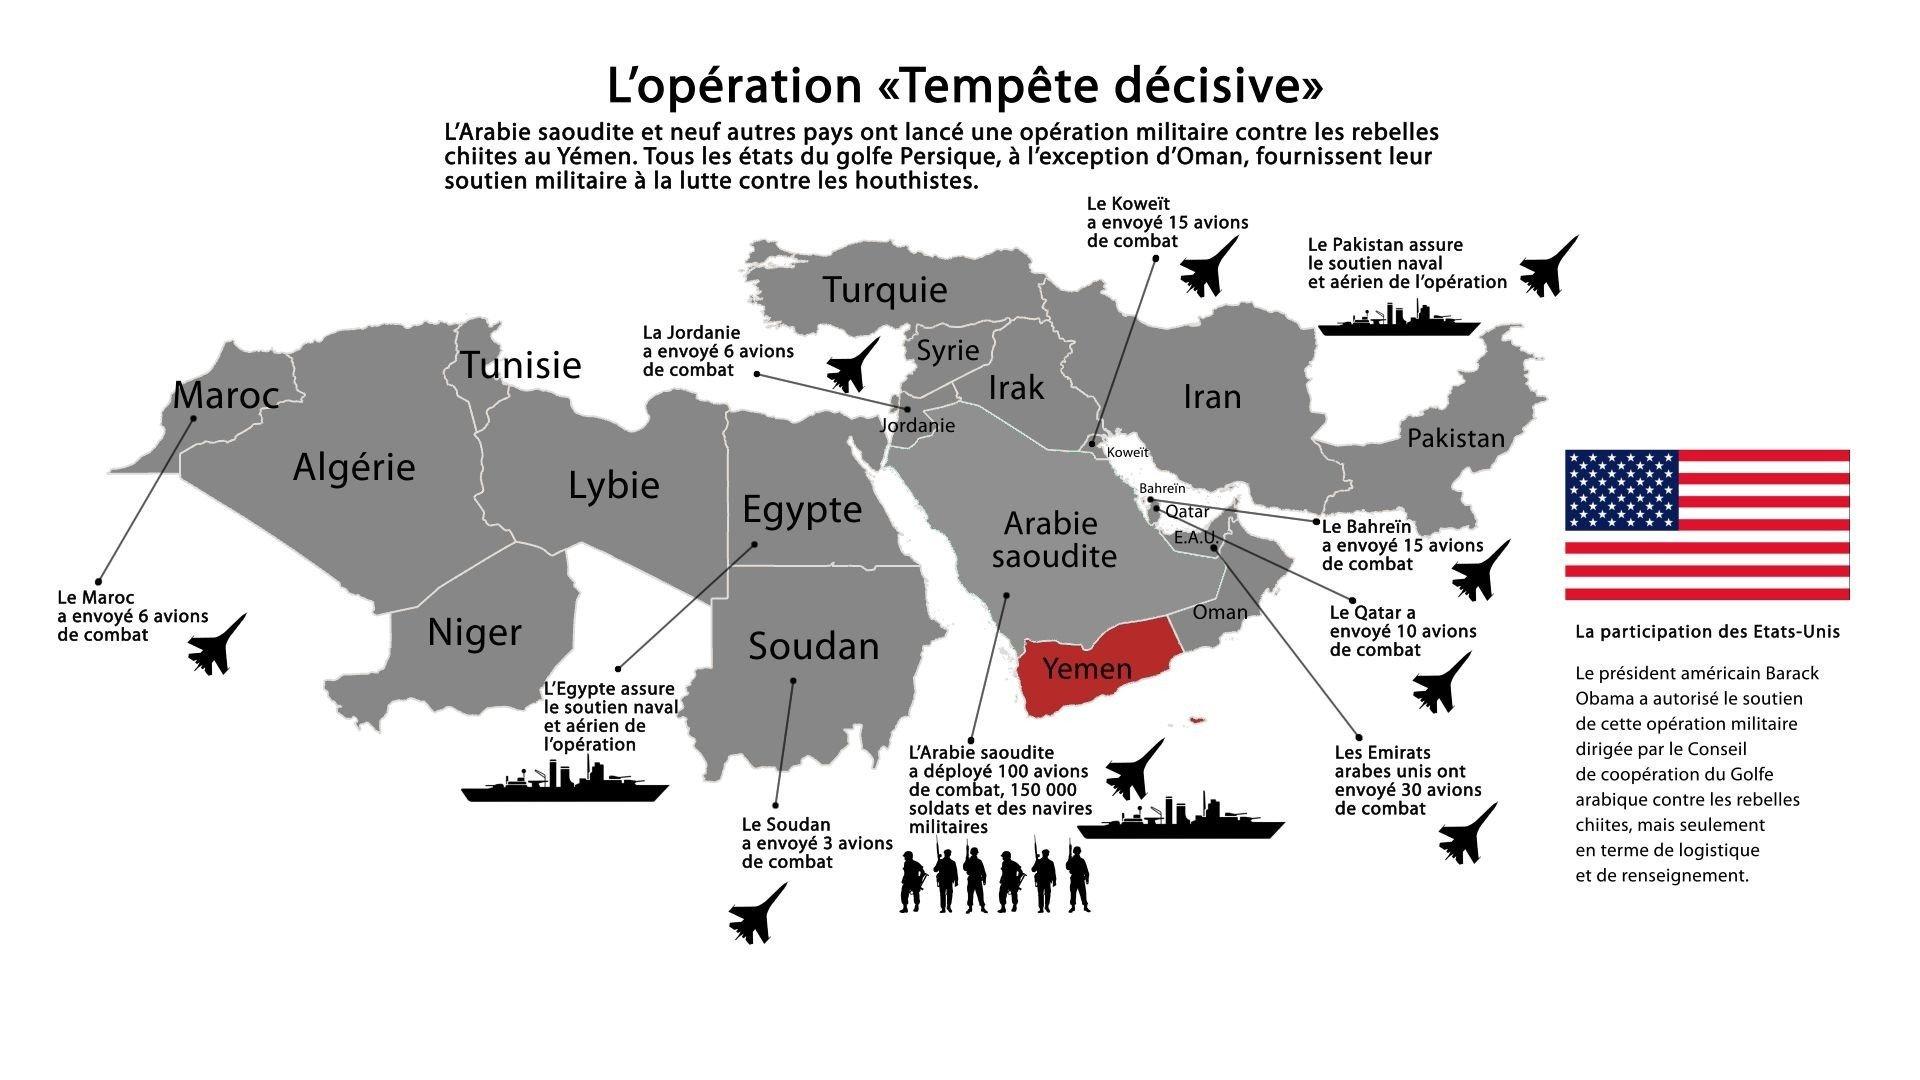 Le conflit au Yémen profite à Al-Qaïda (VIDEO)